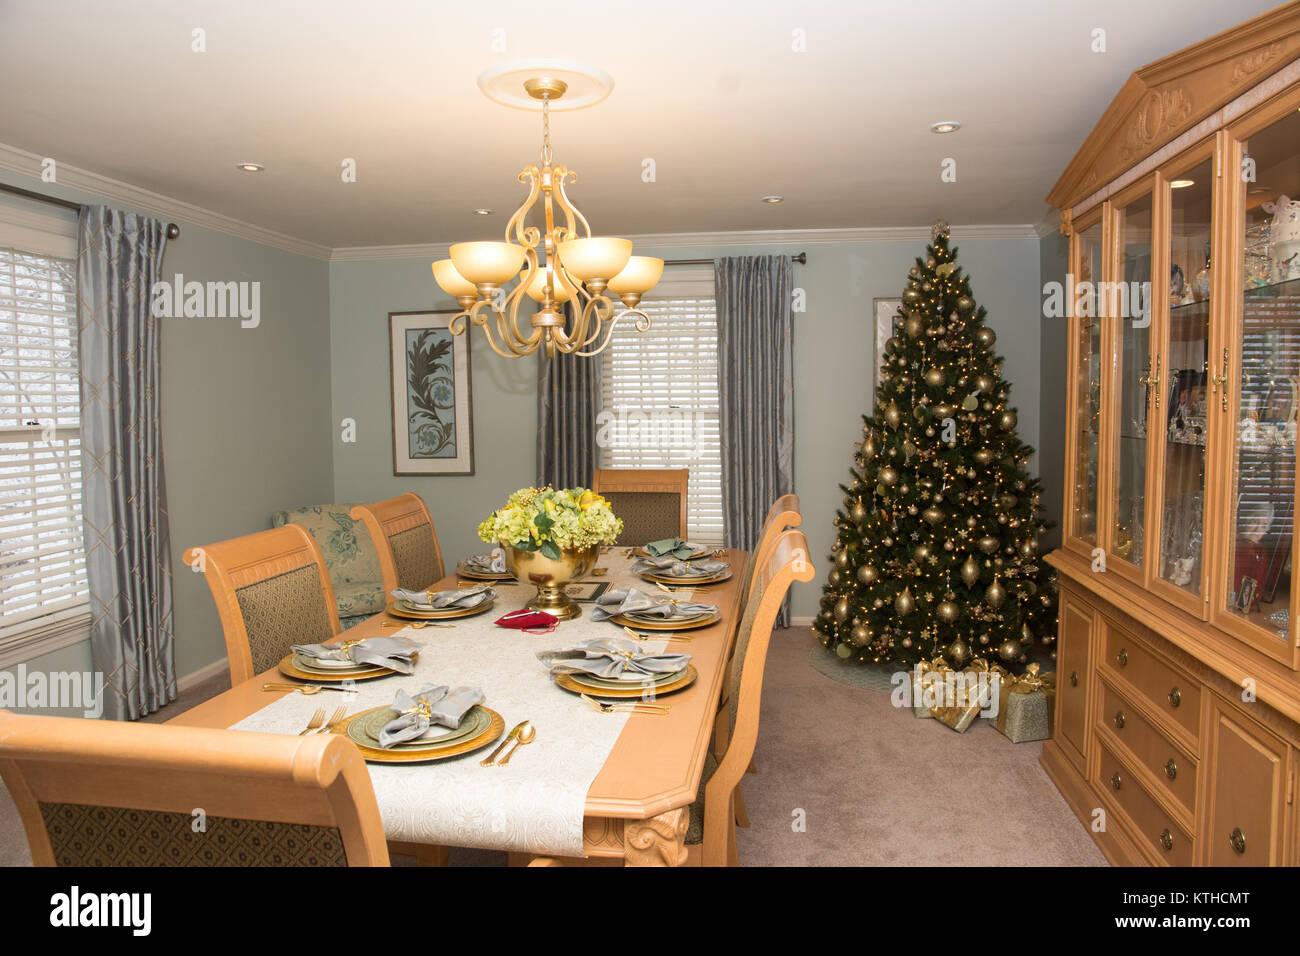 Comedor con mesa, decorado para las vacaciones de Navidad Foto de stock